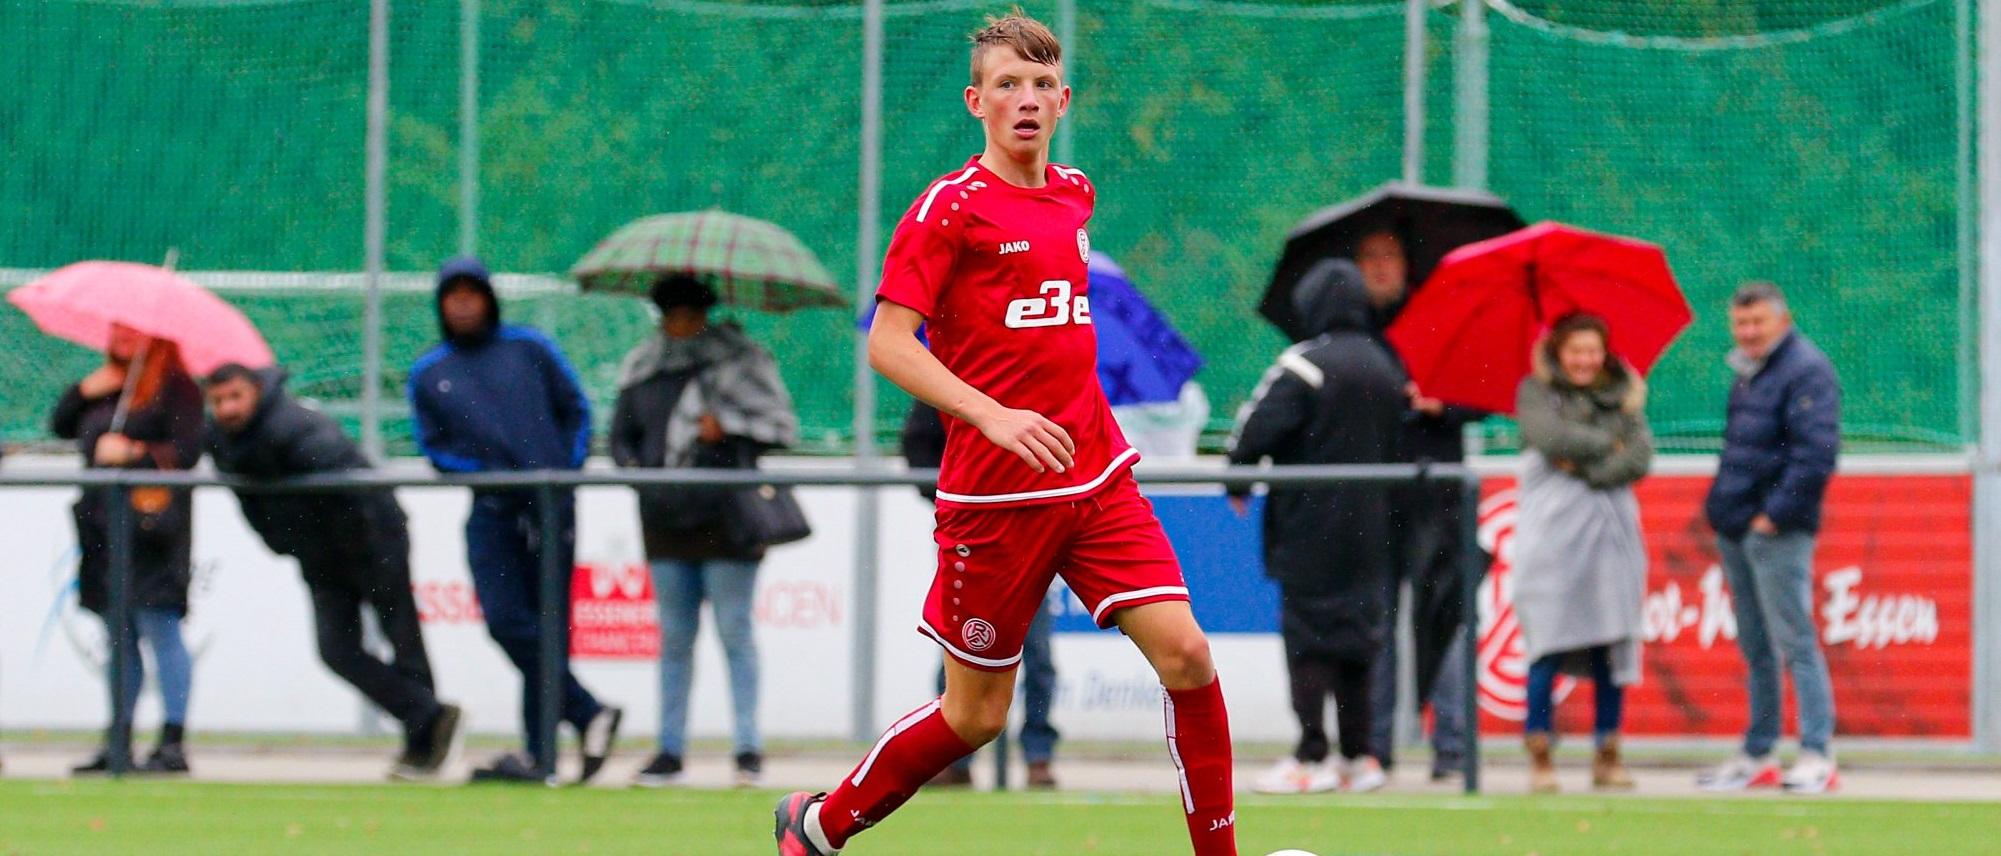 Am Wochenende steht für die rot-weisse U17 das Achtelfinale im Niederrheinpokal auf dem Plan. (Foto:Breilmannswiese)